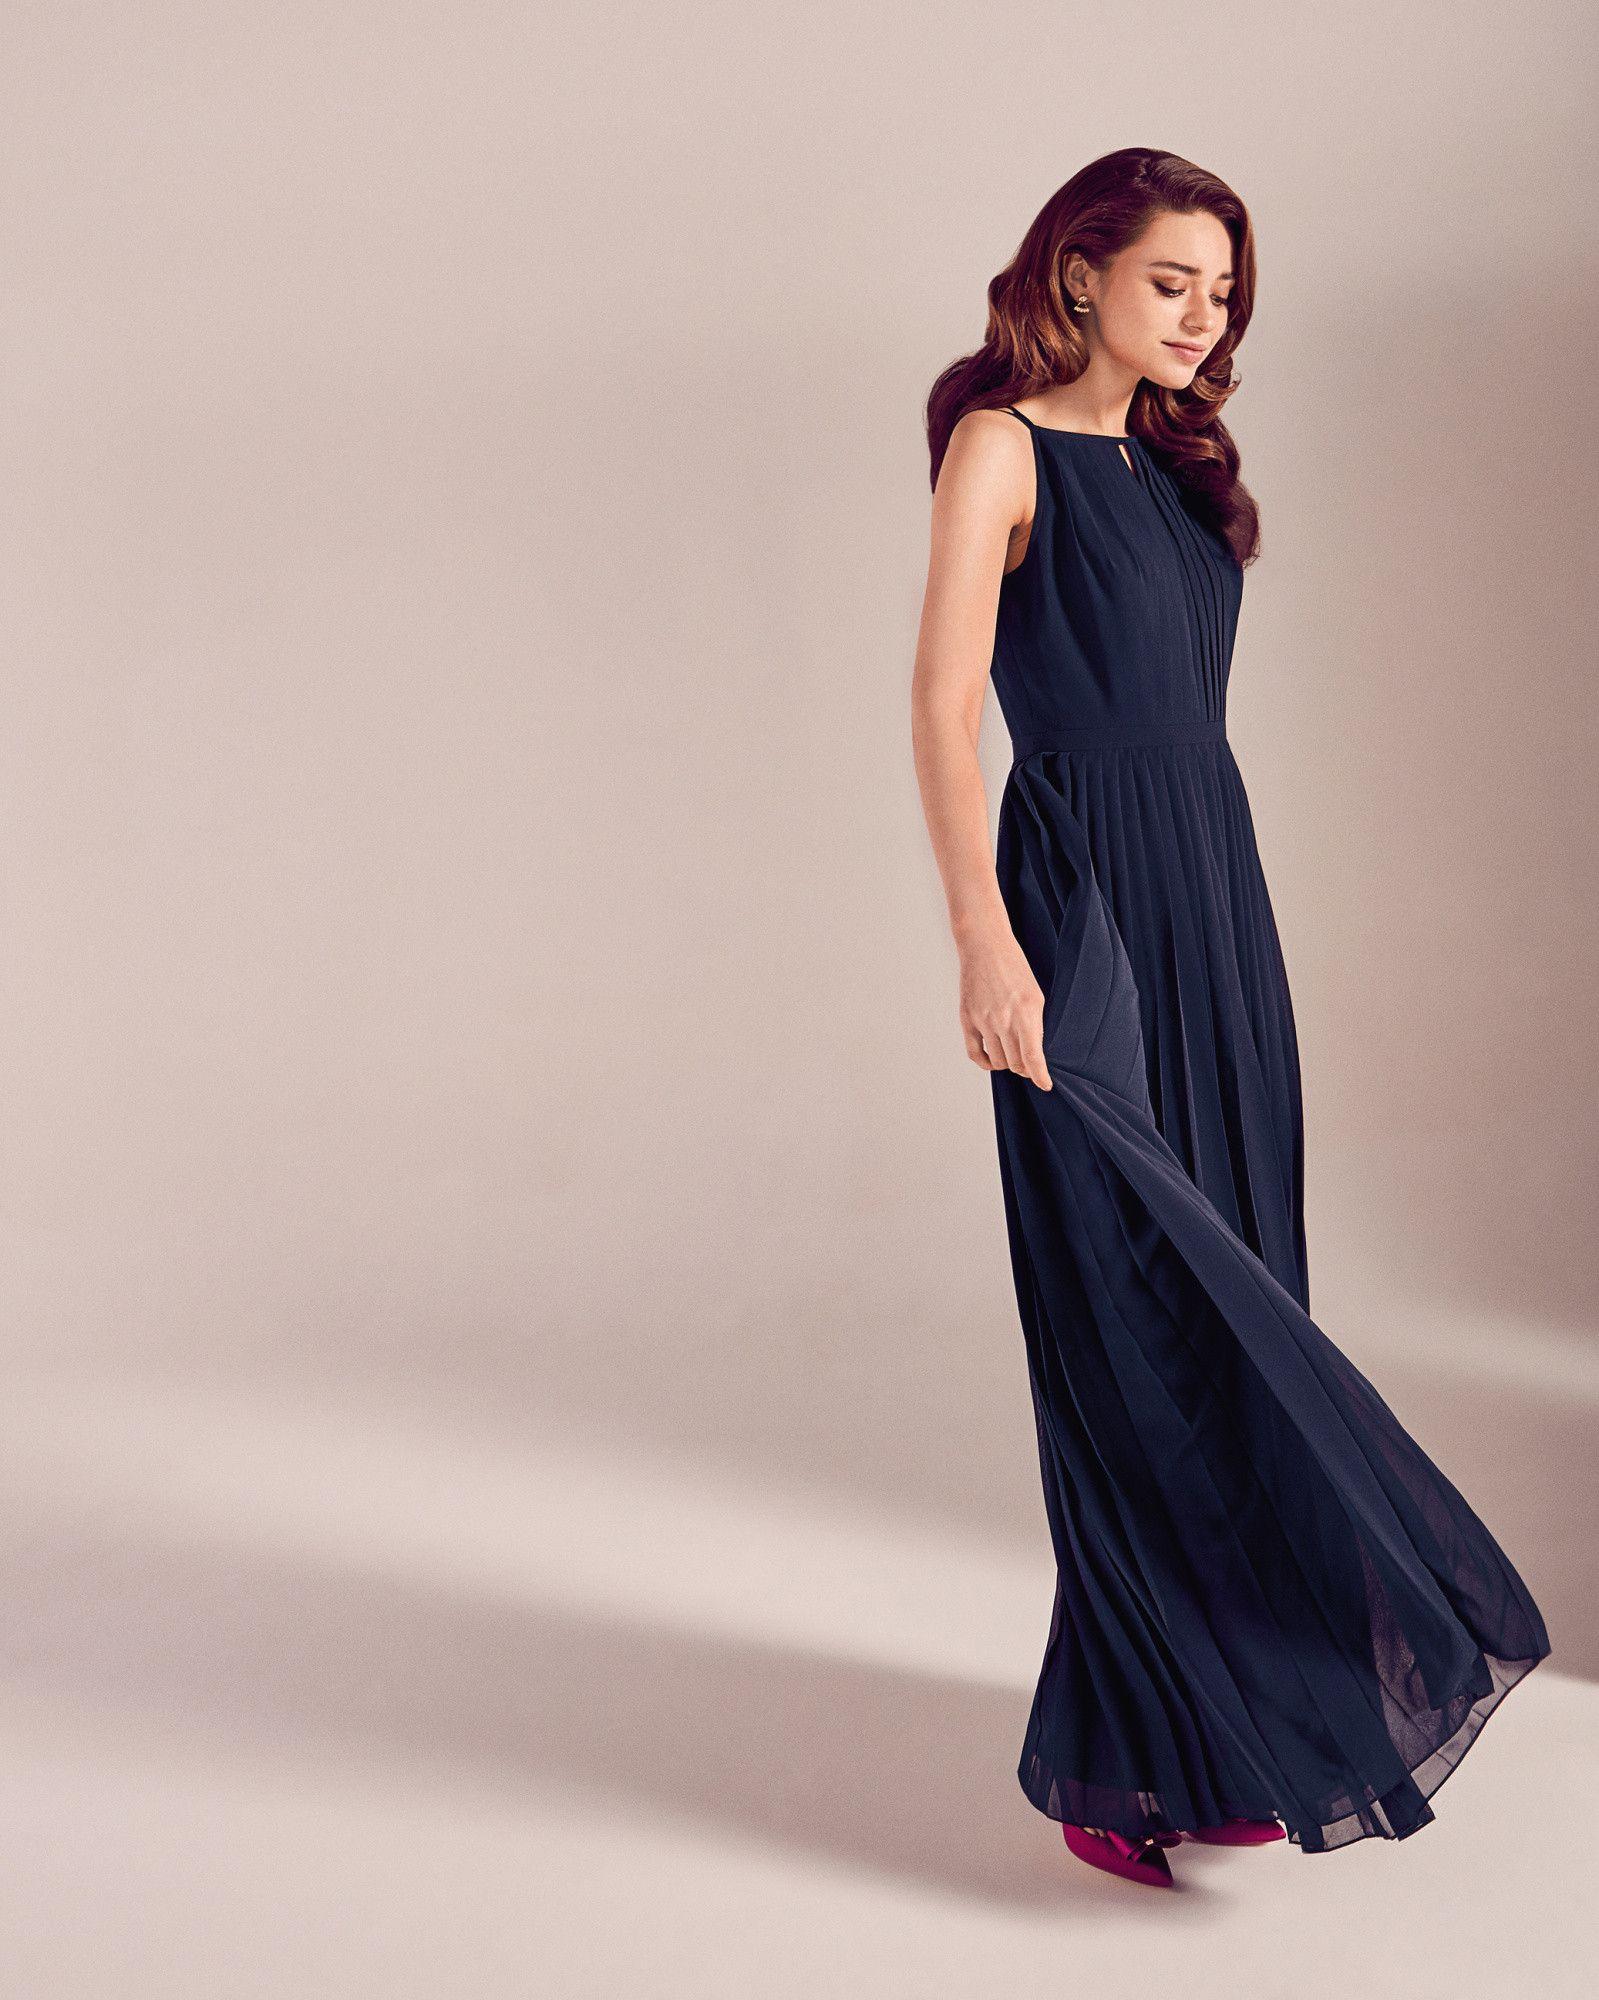 Robe longue plissée - Bleu foncé | PE17 Tie The Knot | Ted Baker FR